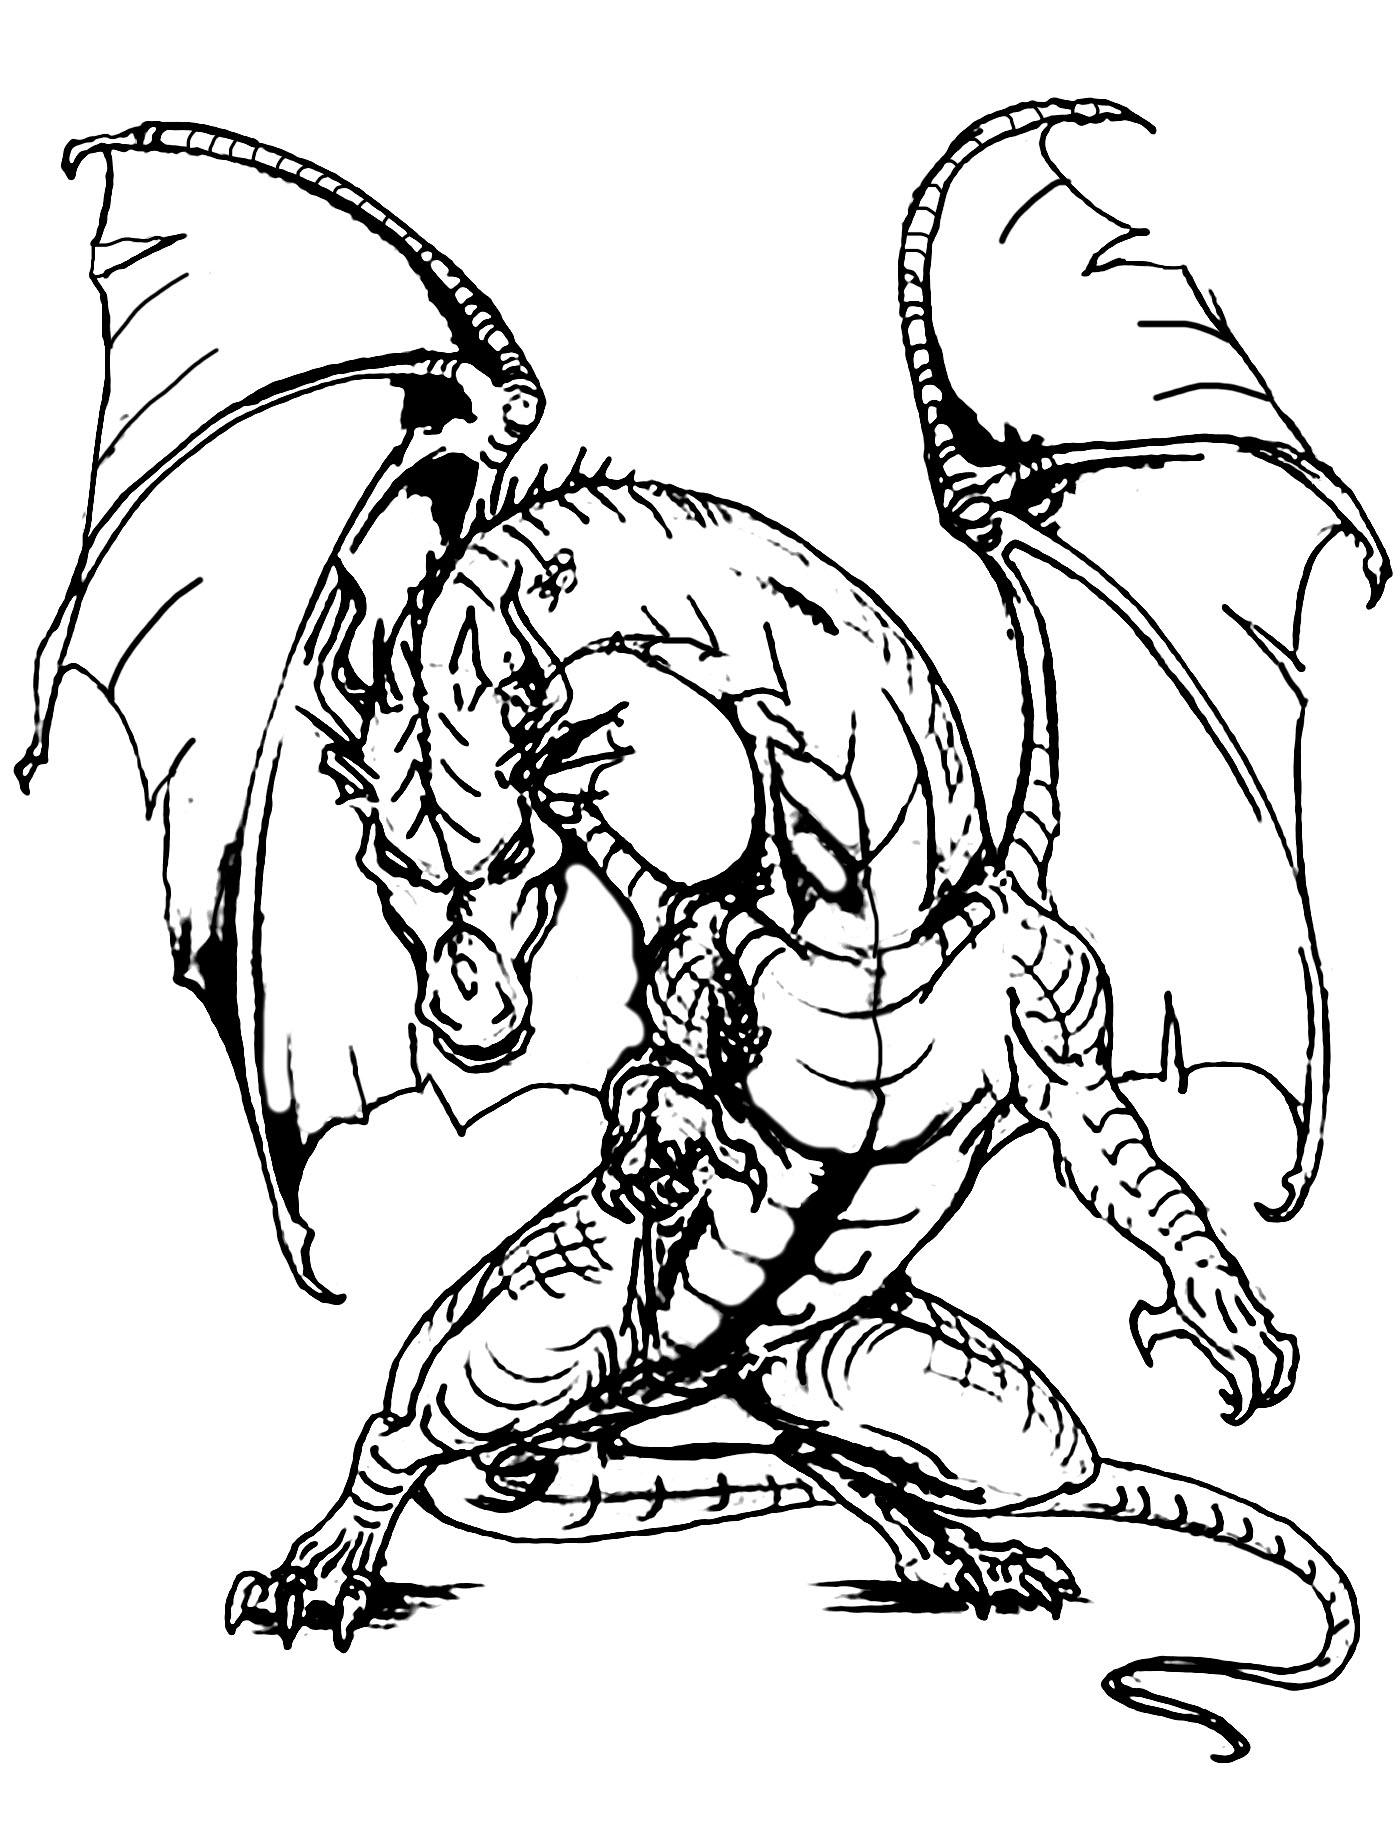 Dragones 13496 - Dragones - Colorear para Adultos